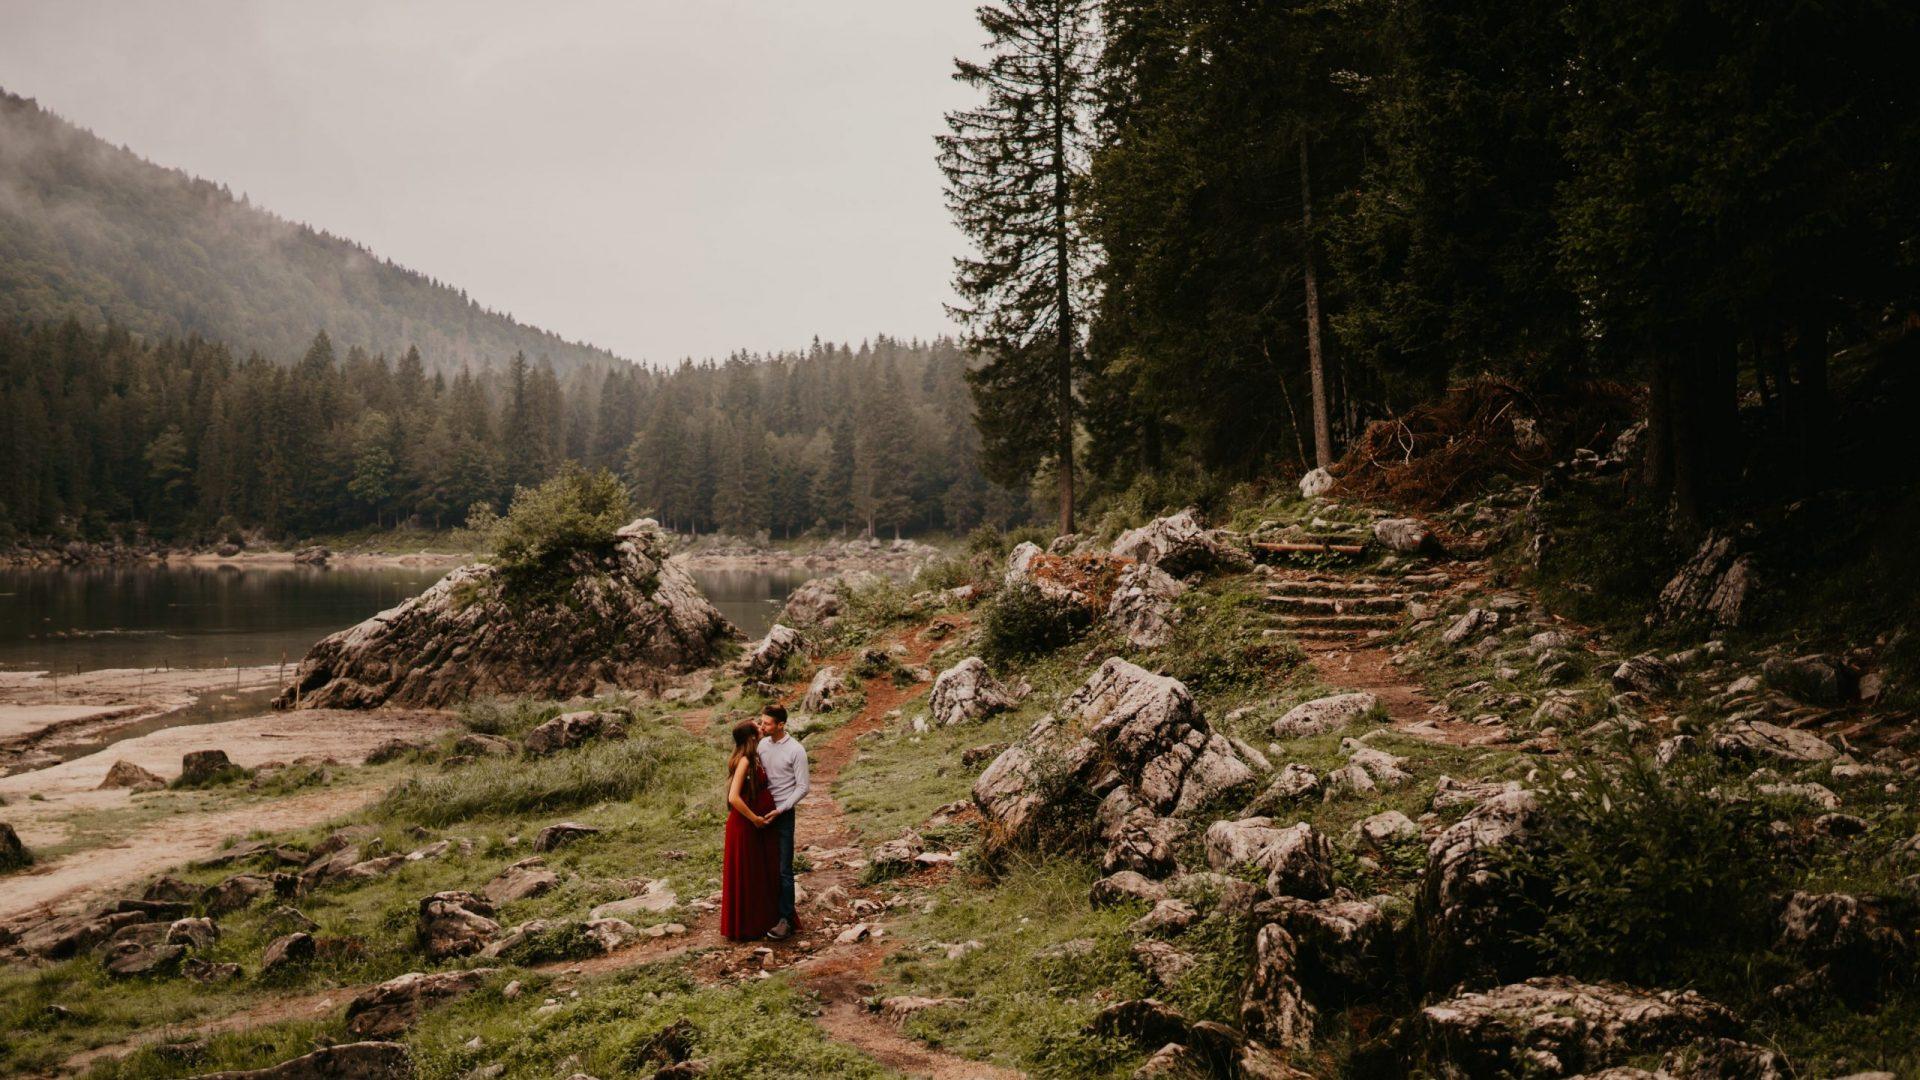 nosecnisko-fotografiranje-slikanje-cena-cenik-jezero-jasna-kranjska-gora-jan-eva-vajin-najlepsi-dan (96)